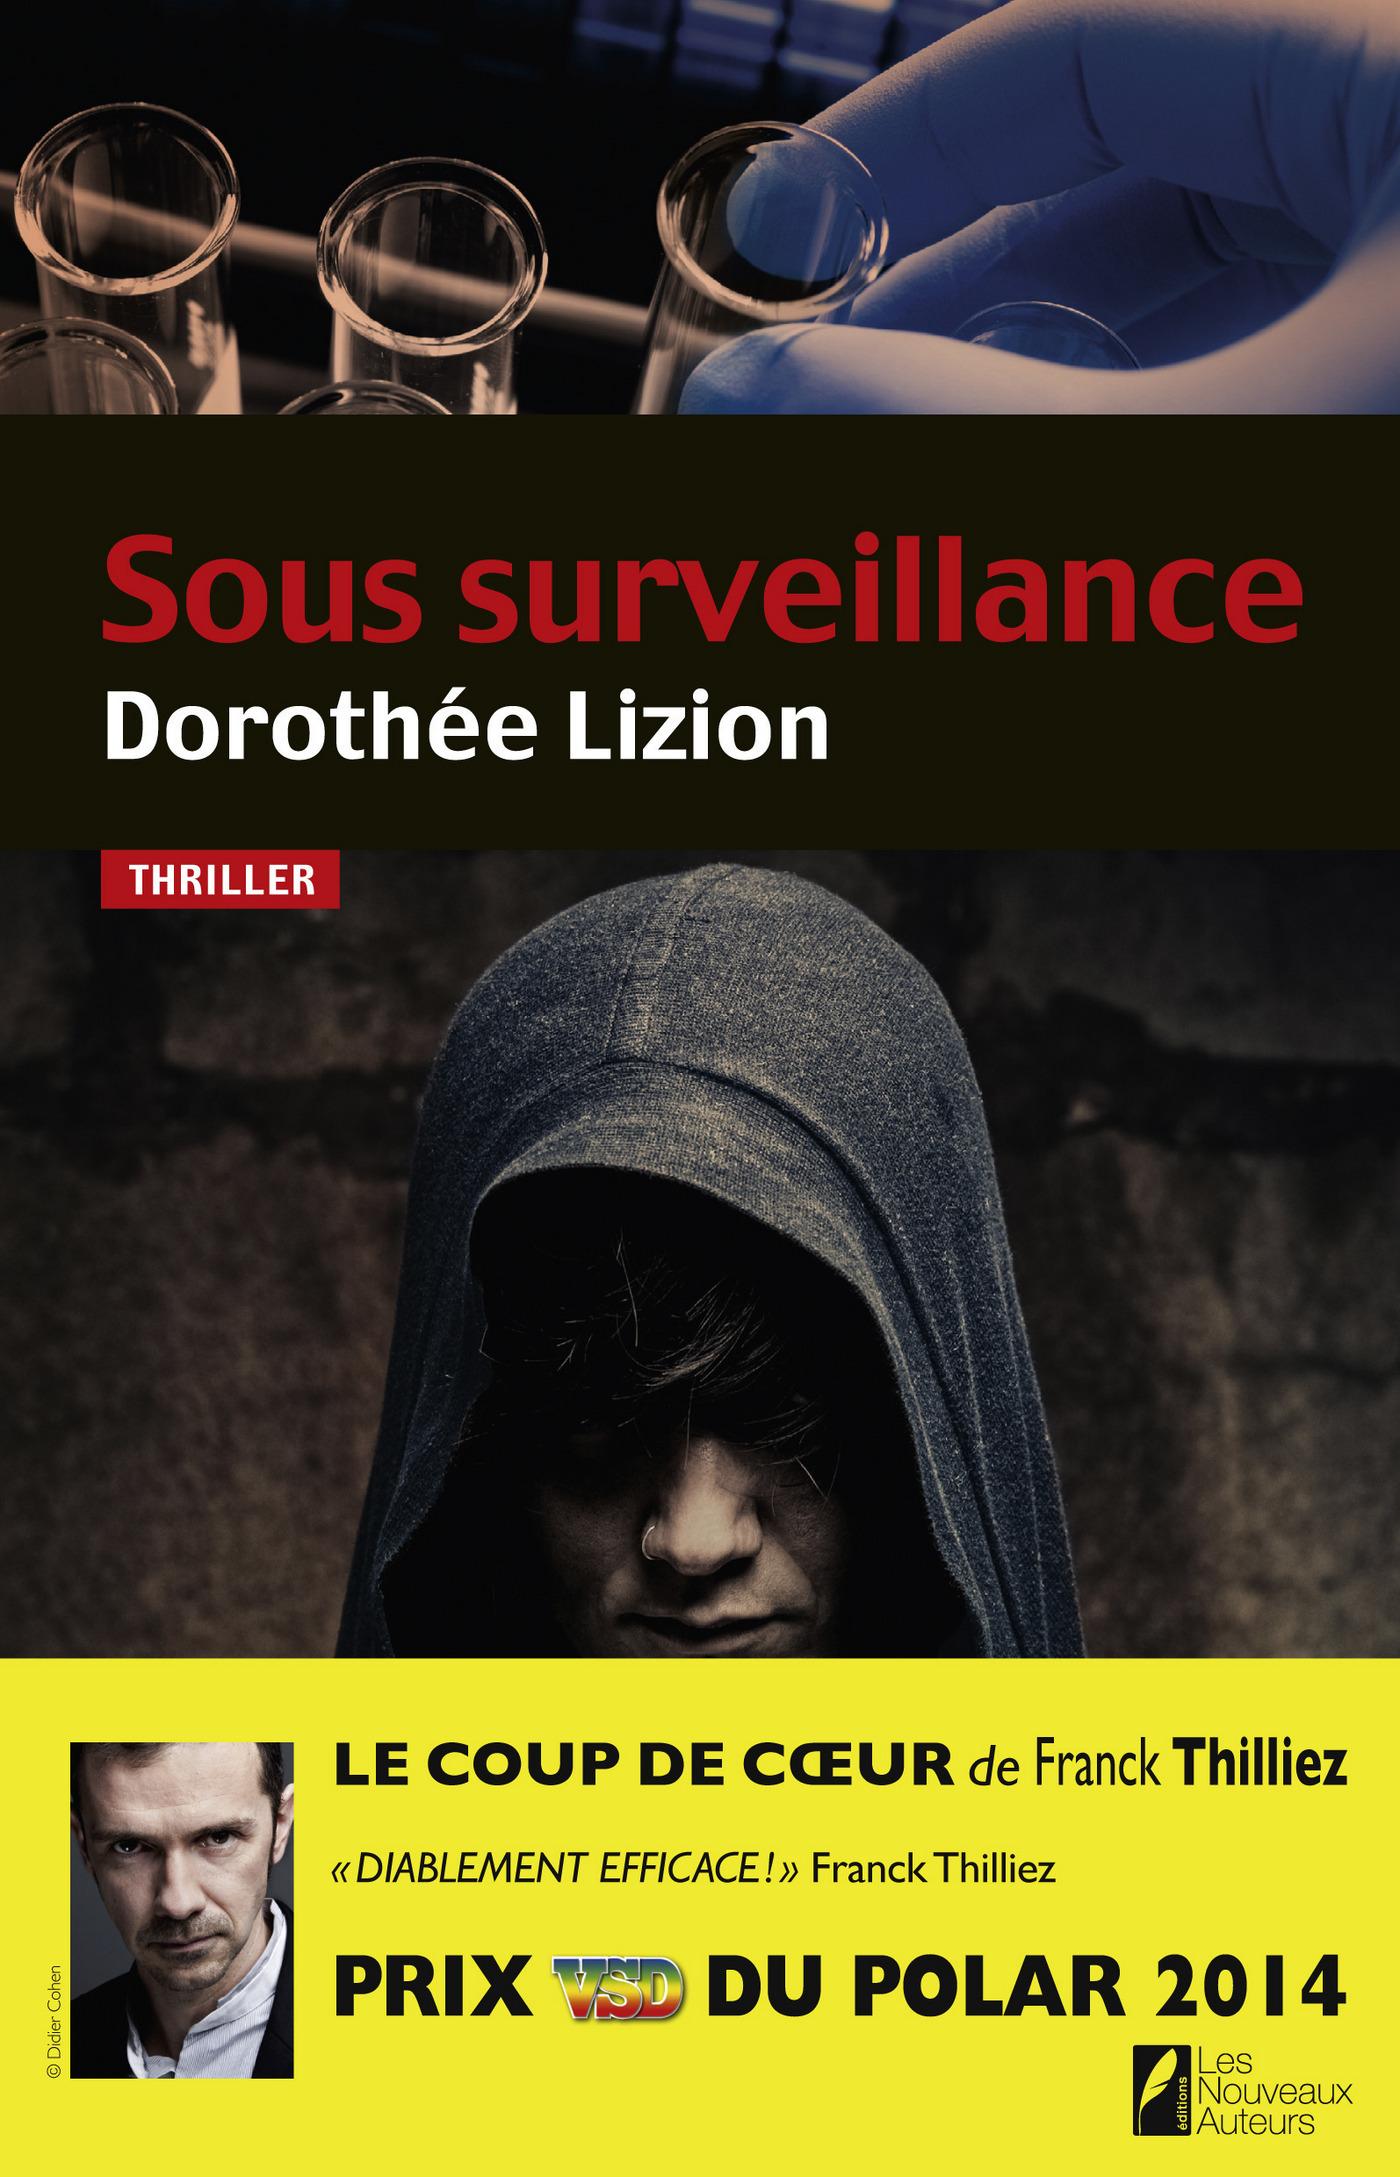 Sous surveillance. Coup de coeur de Franck Thilliez. PRIX VSD du polar 2014 (ebook)